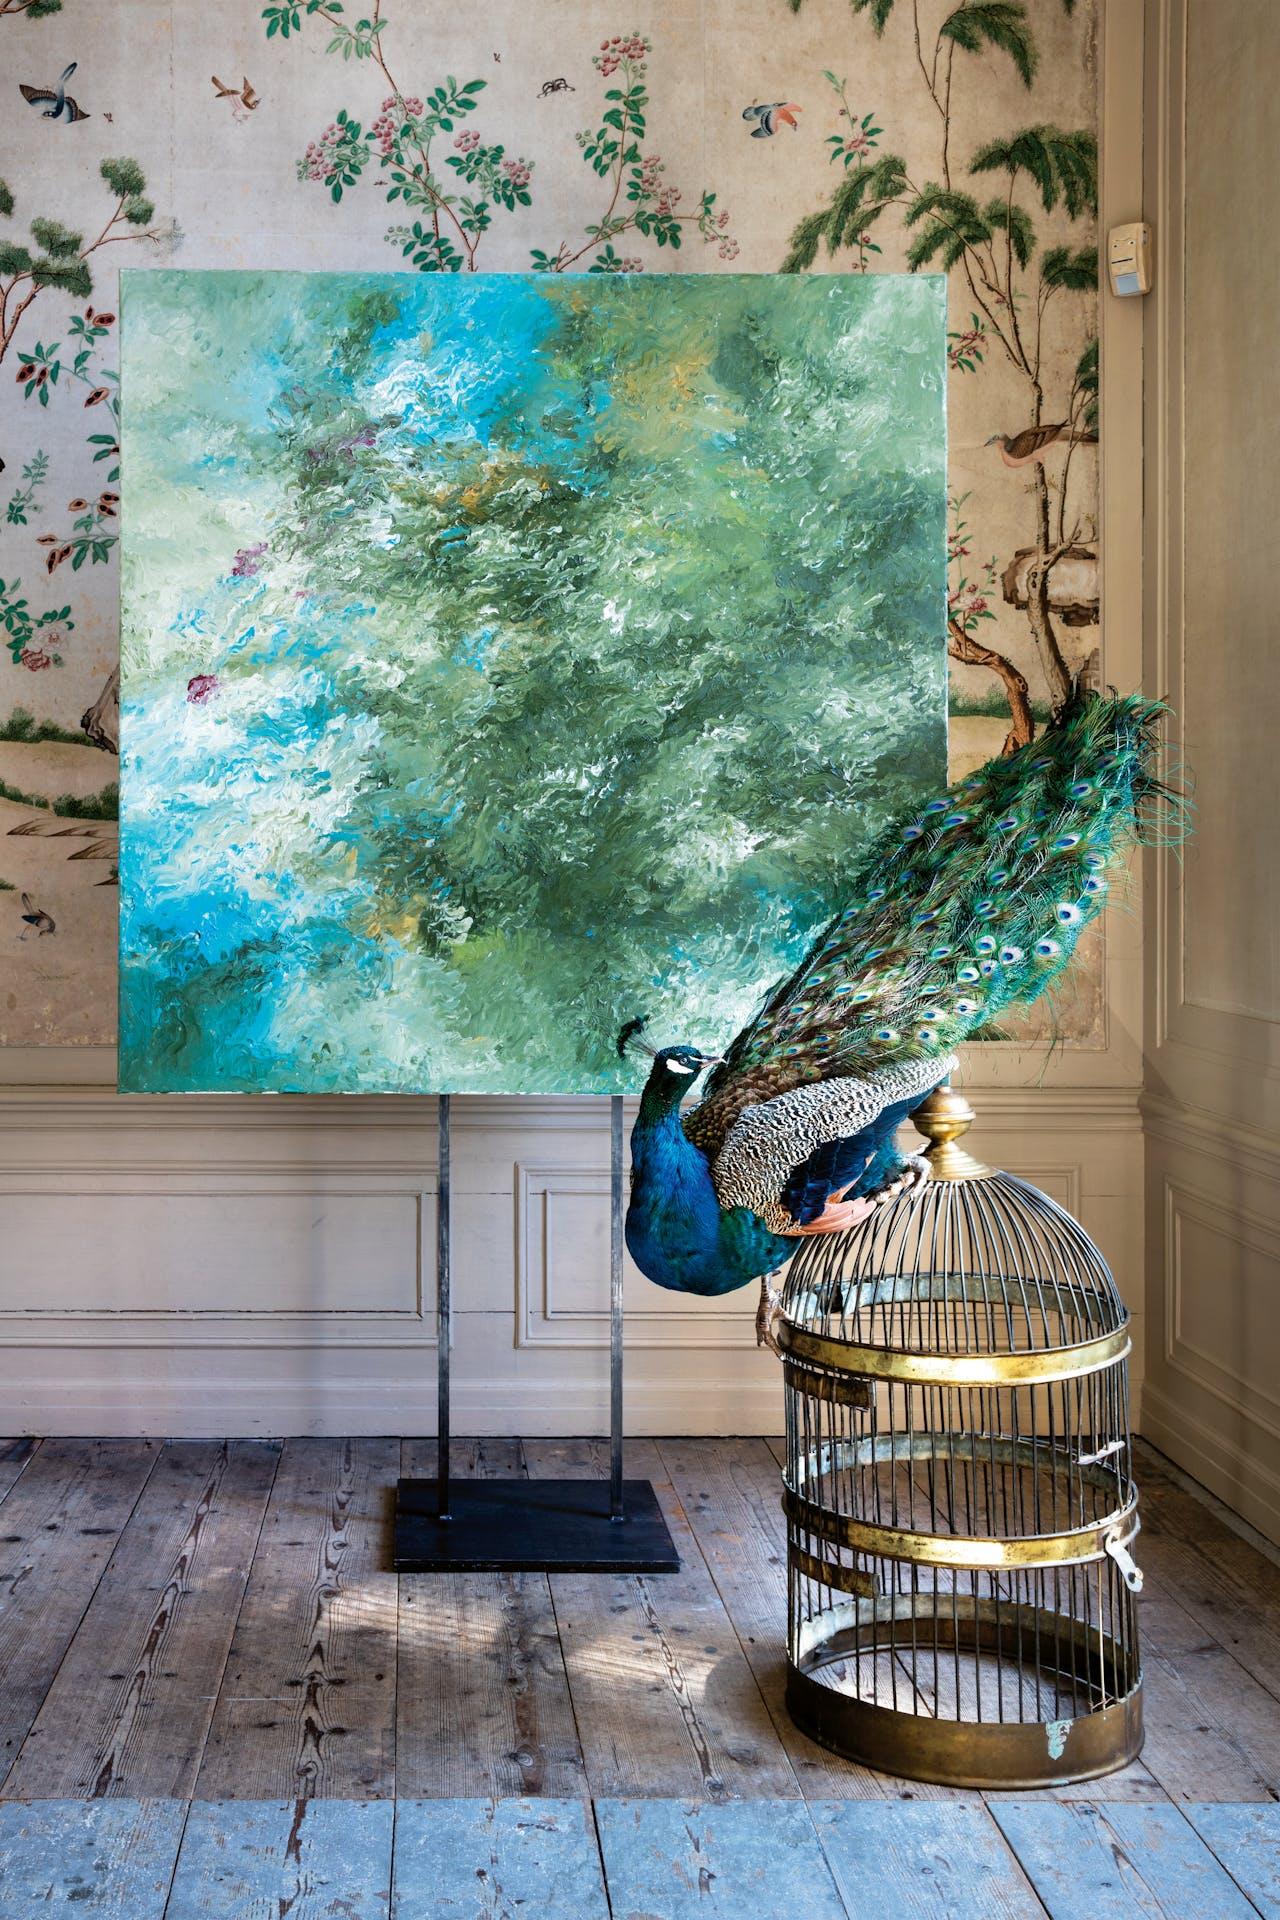 In de Vogeltjeskamer staat de pauw uit 'Turaco's after Aert Schouman', 2017, voor 'Waldig' van Armando, uit 2013.